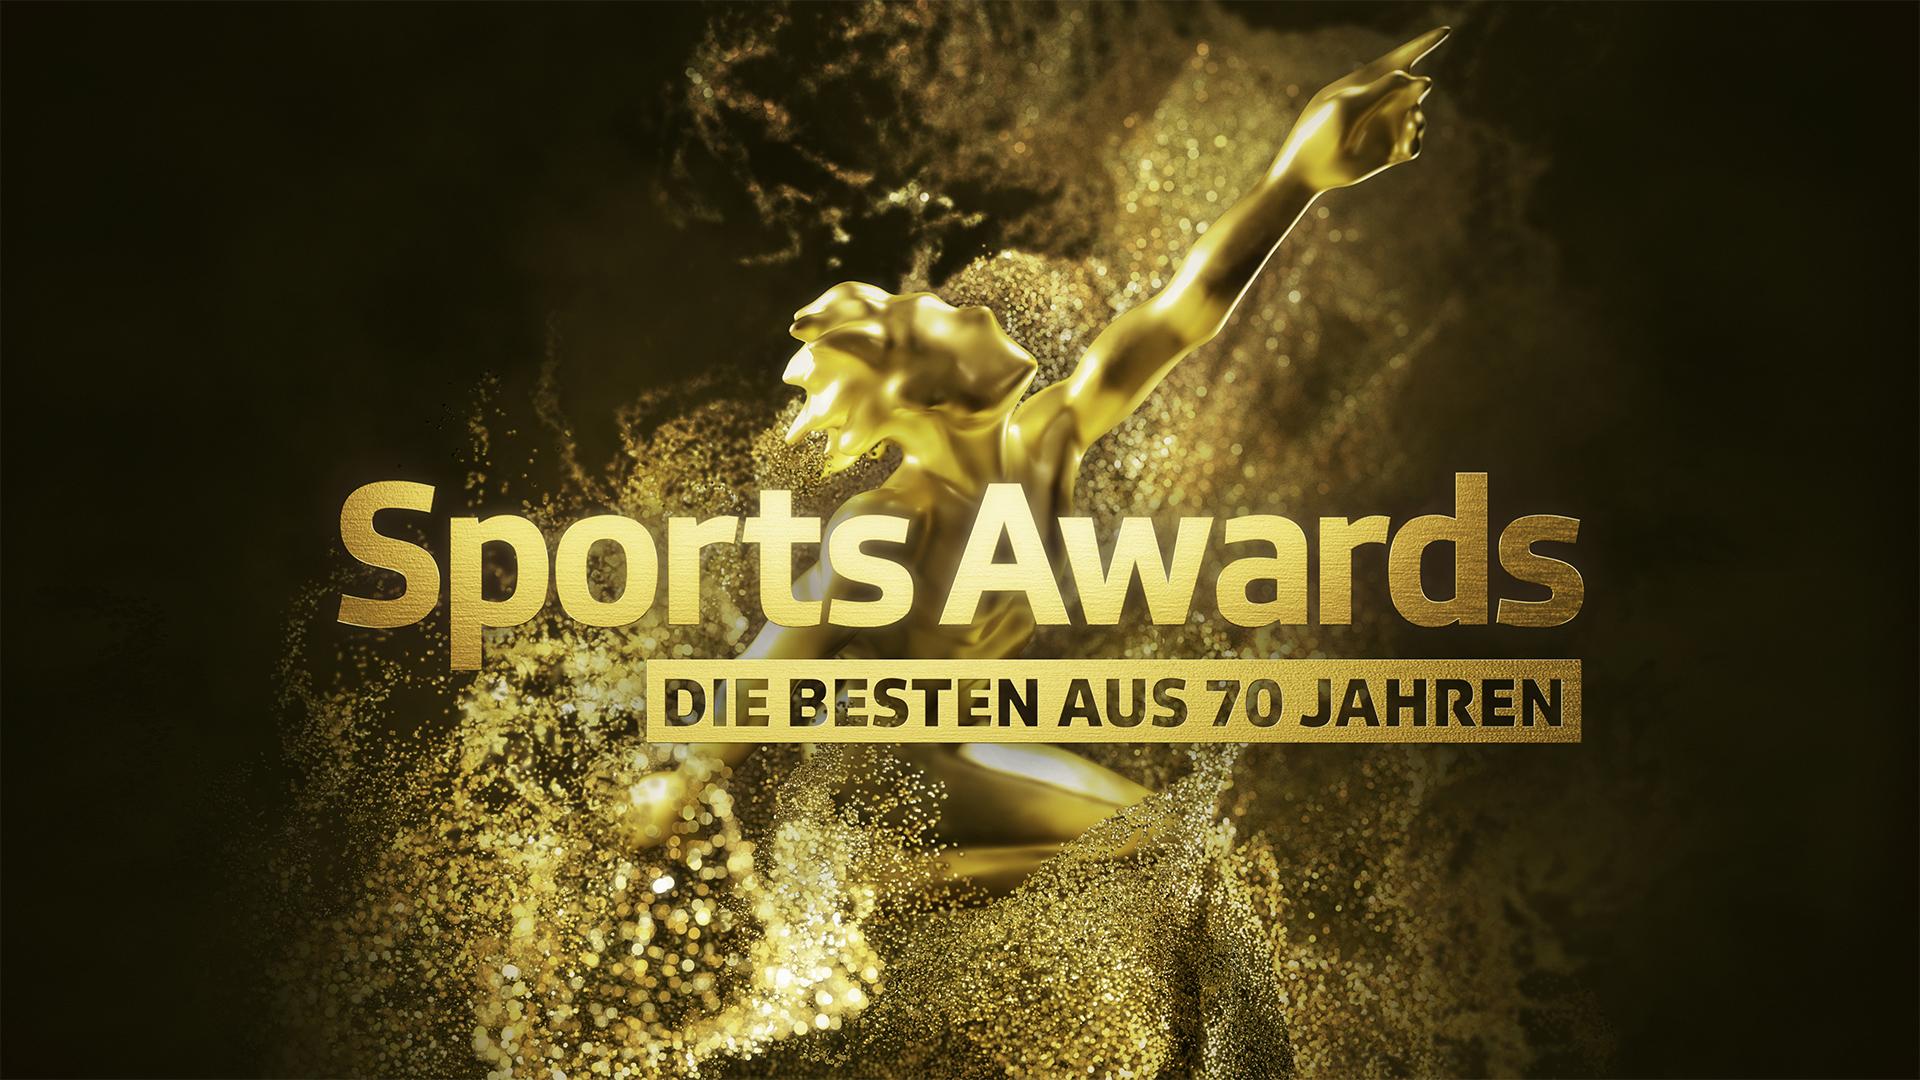 SportsAwards_DieBestenAus70Jahren_Webvisual.jpg